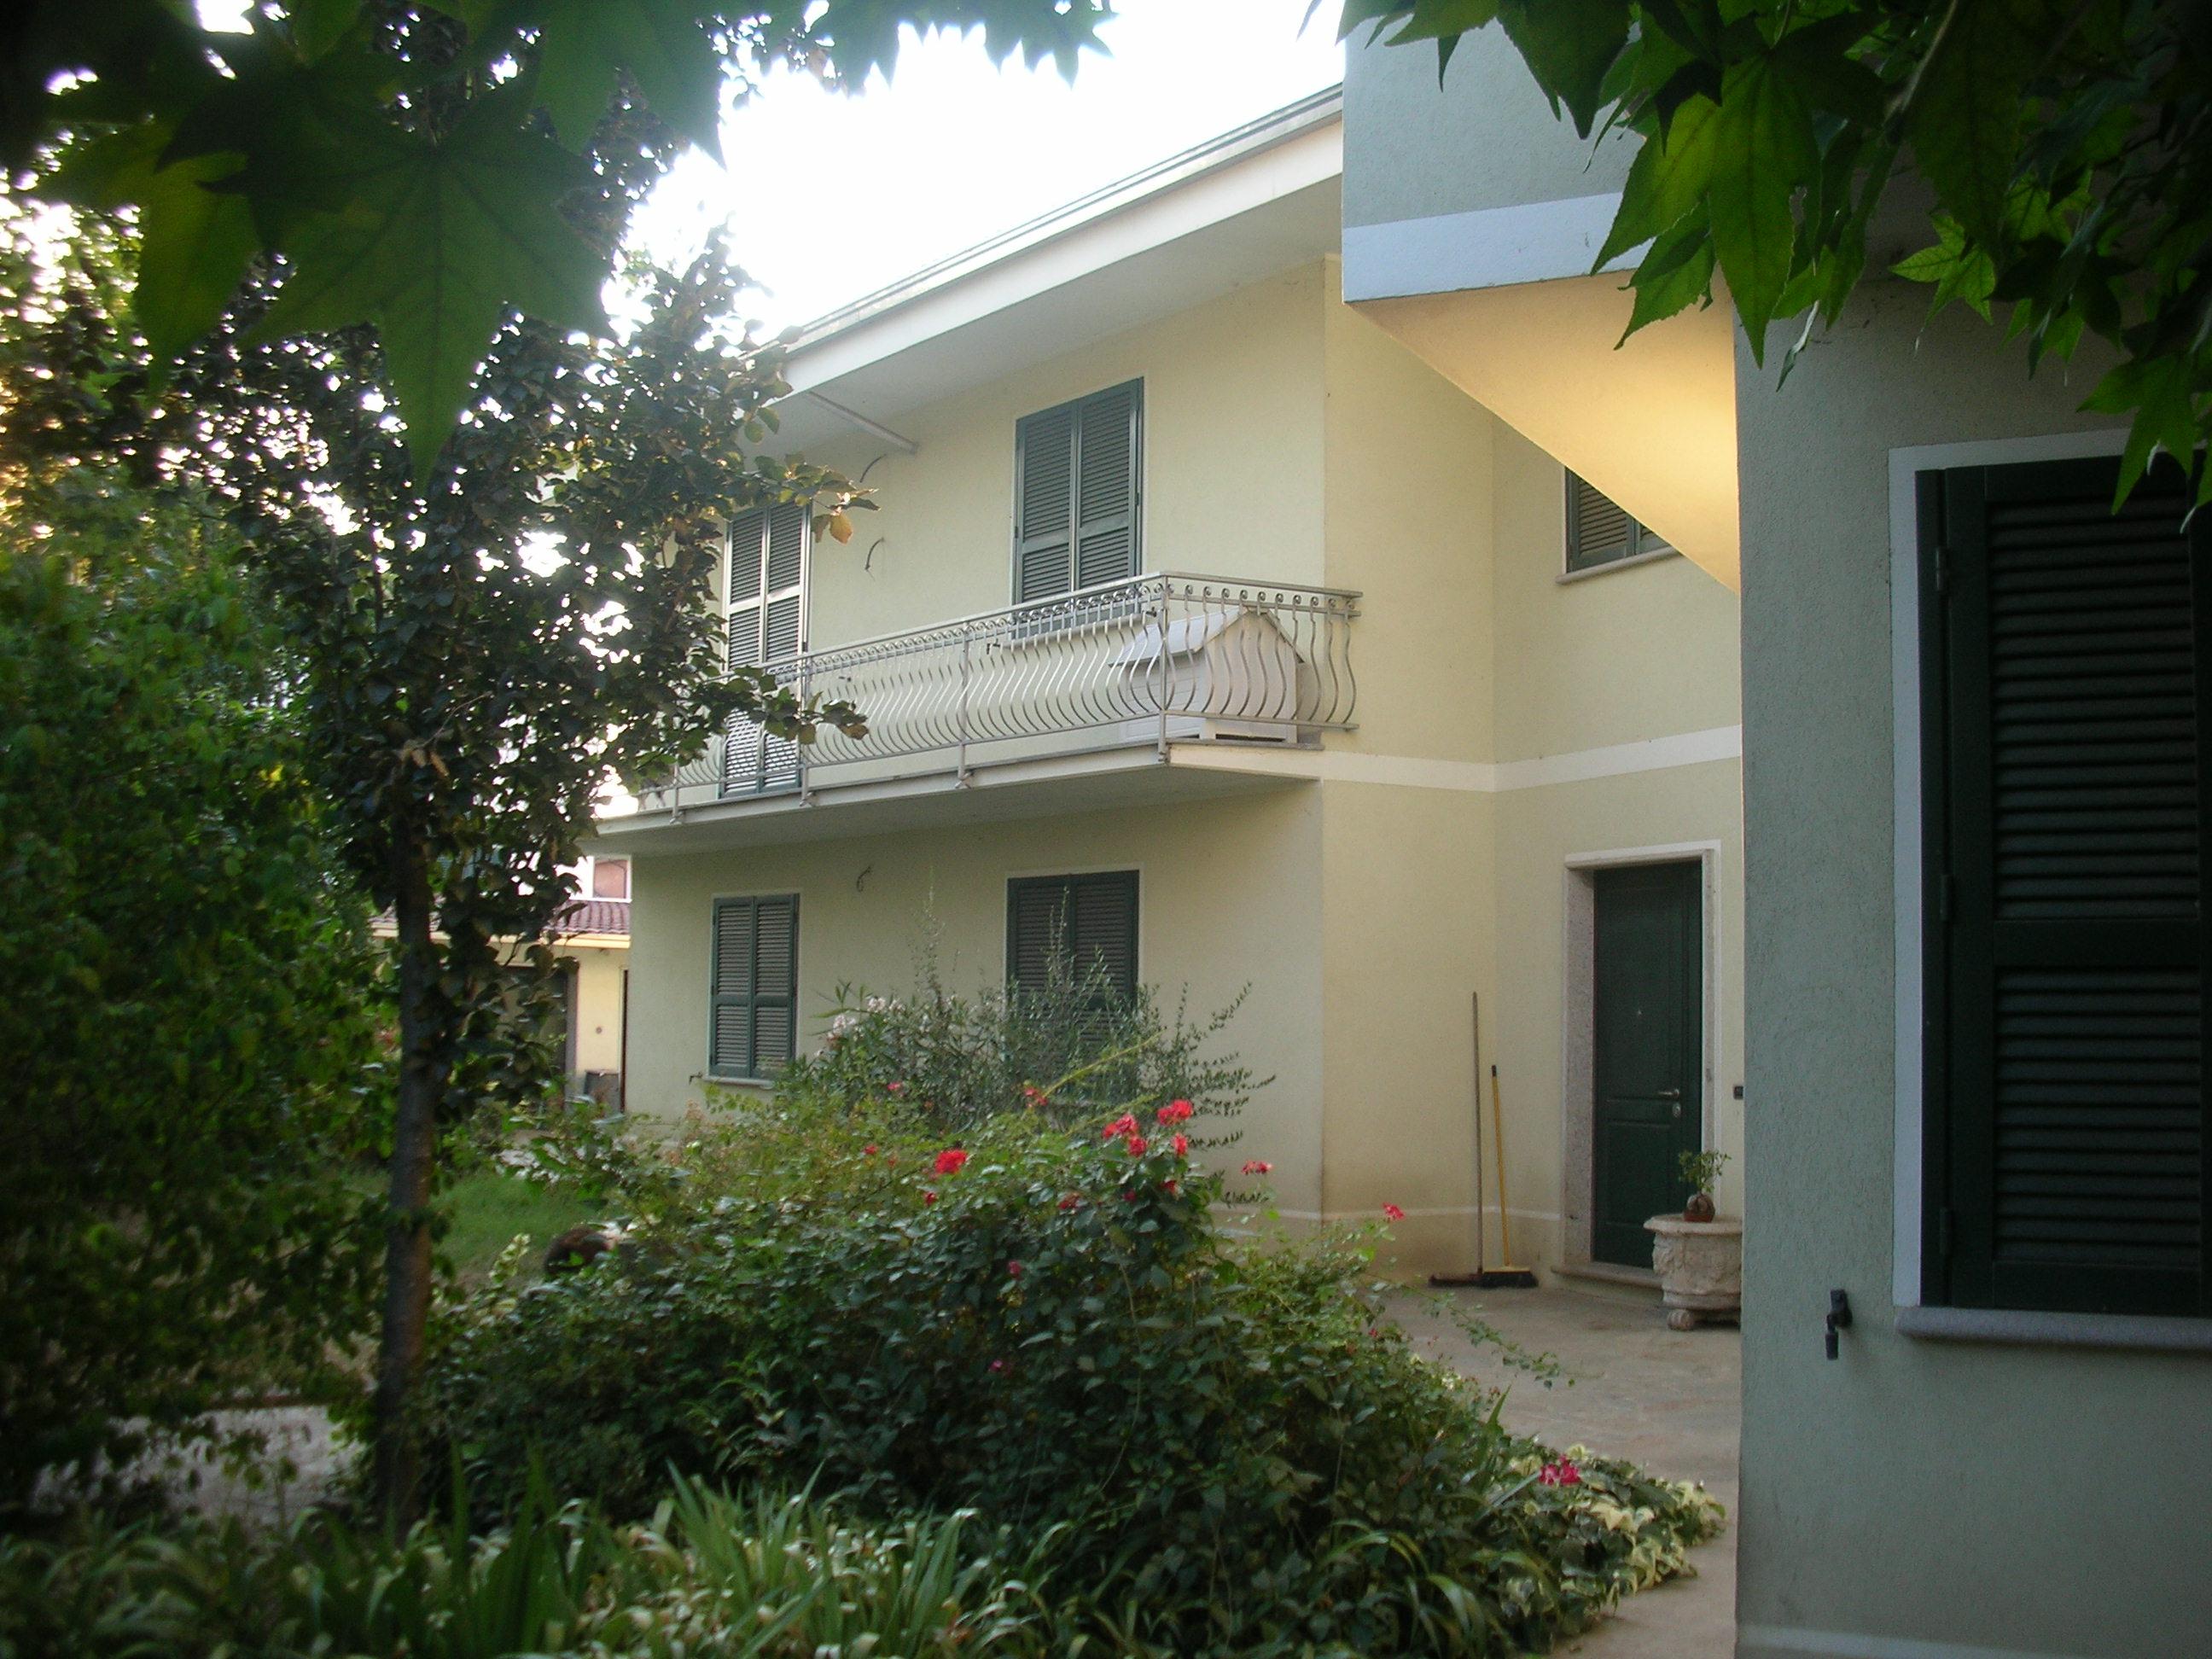 CASTEL  SAN GIOVANNI (PC) villa indipendente bifamigliare con giardino